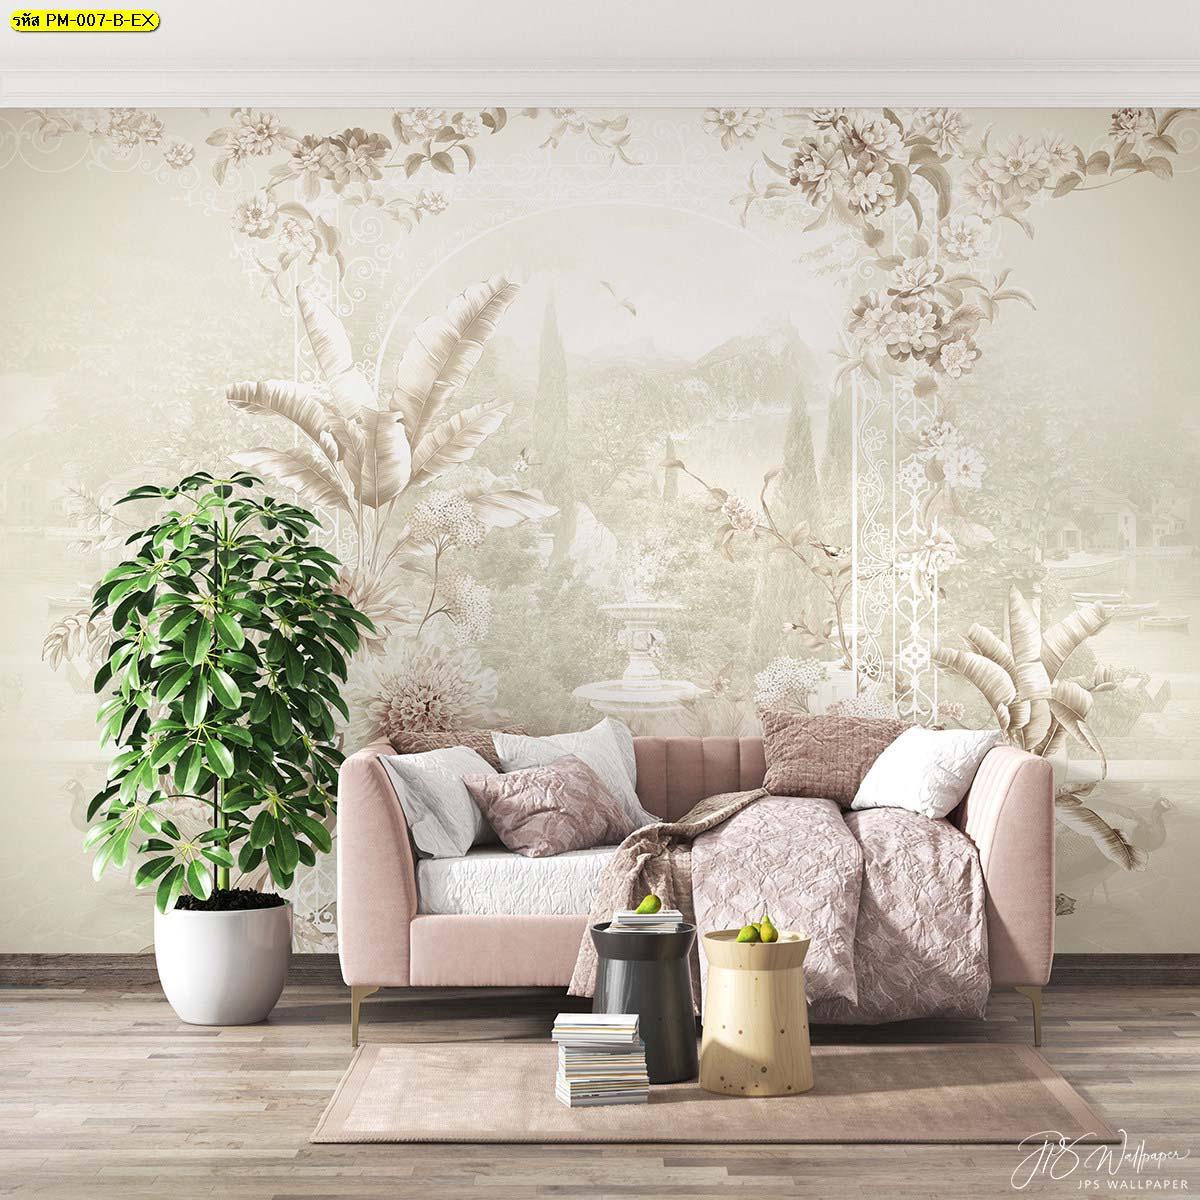 วอลเปเปอร์ติดห้องนั่งเล่น ภาพพื้นหลังลายสวนดอกไม้เกรดพรีเมี่ยมสีน้ำตาลอ่อน